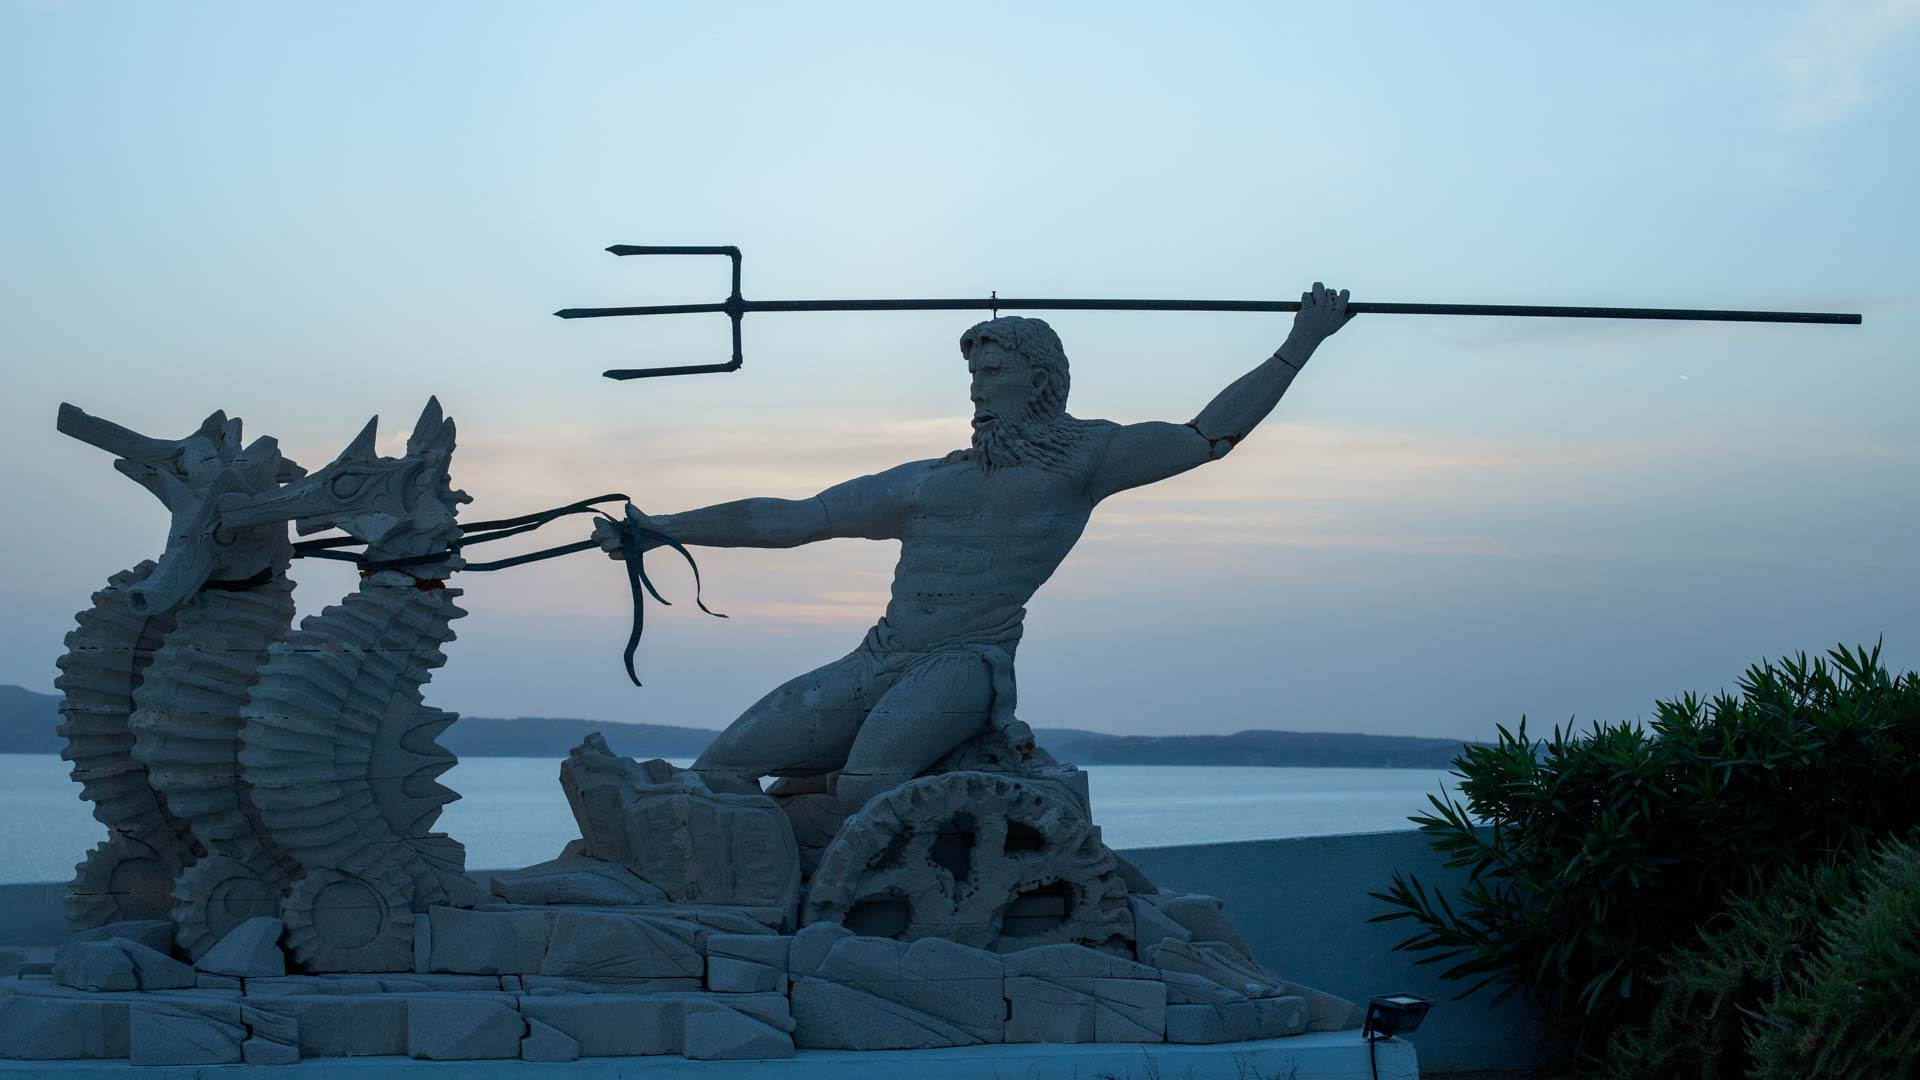 Poseidon, griechischer Sagenheld